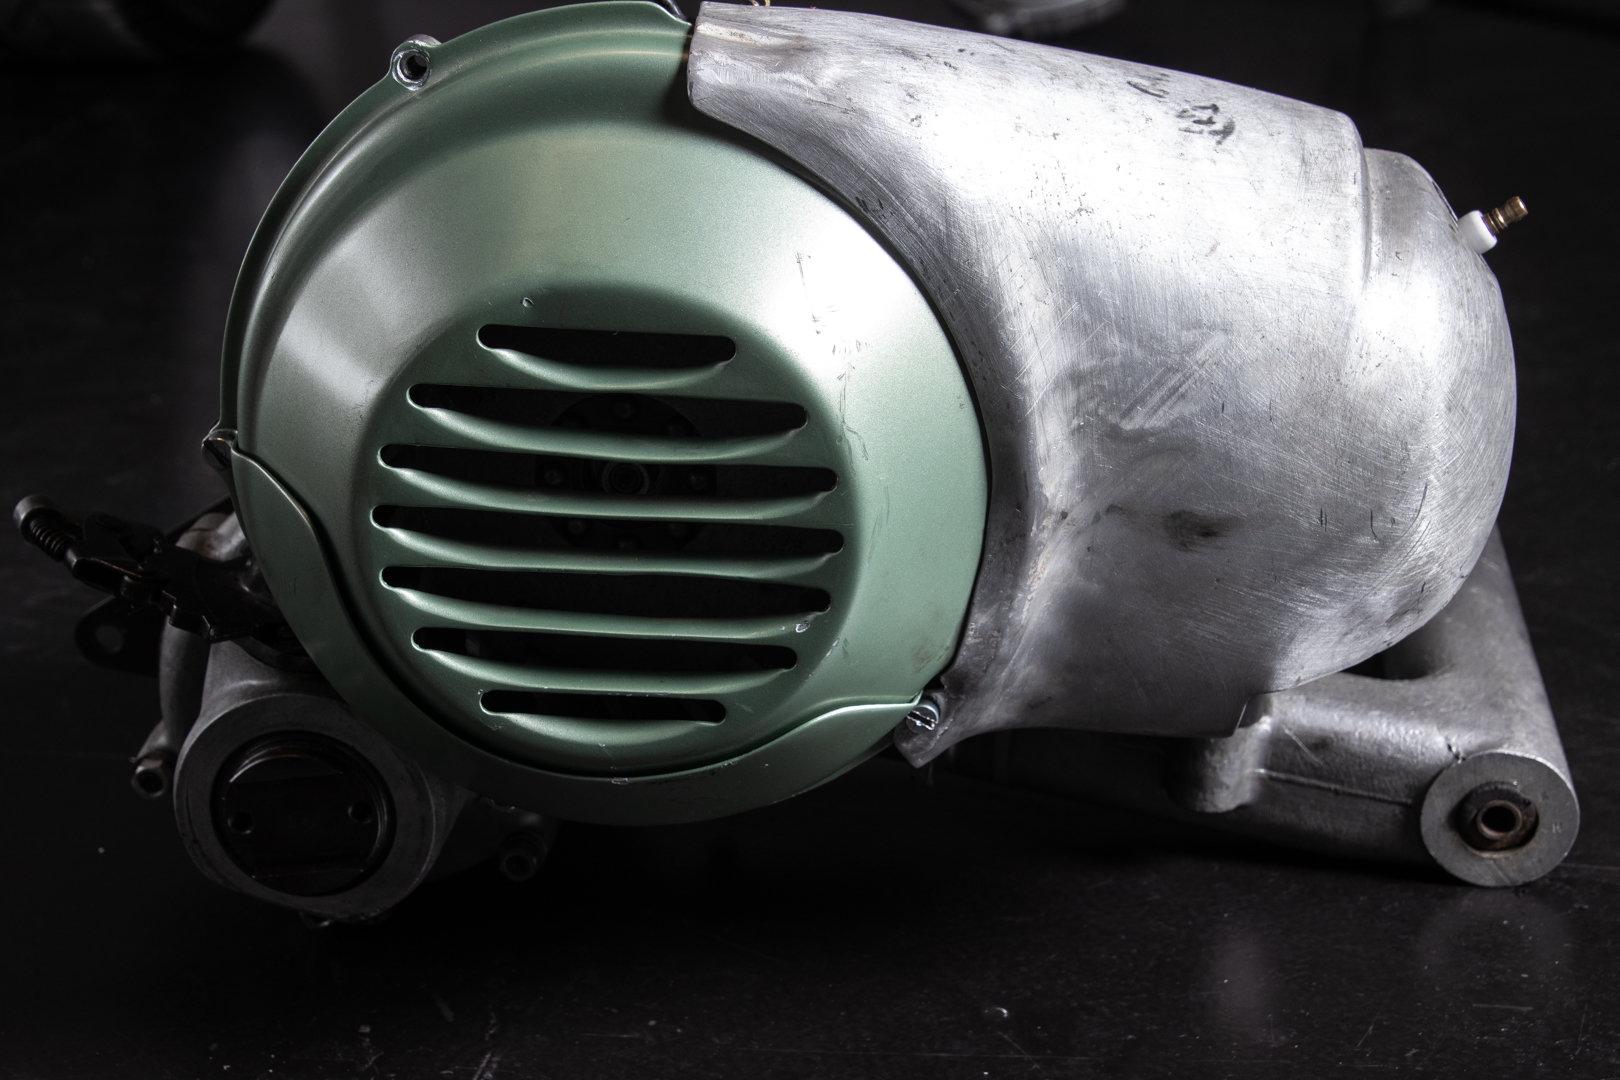 1950 Piaggio Vespa Engine For Sale (picture 3 of 8)